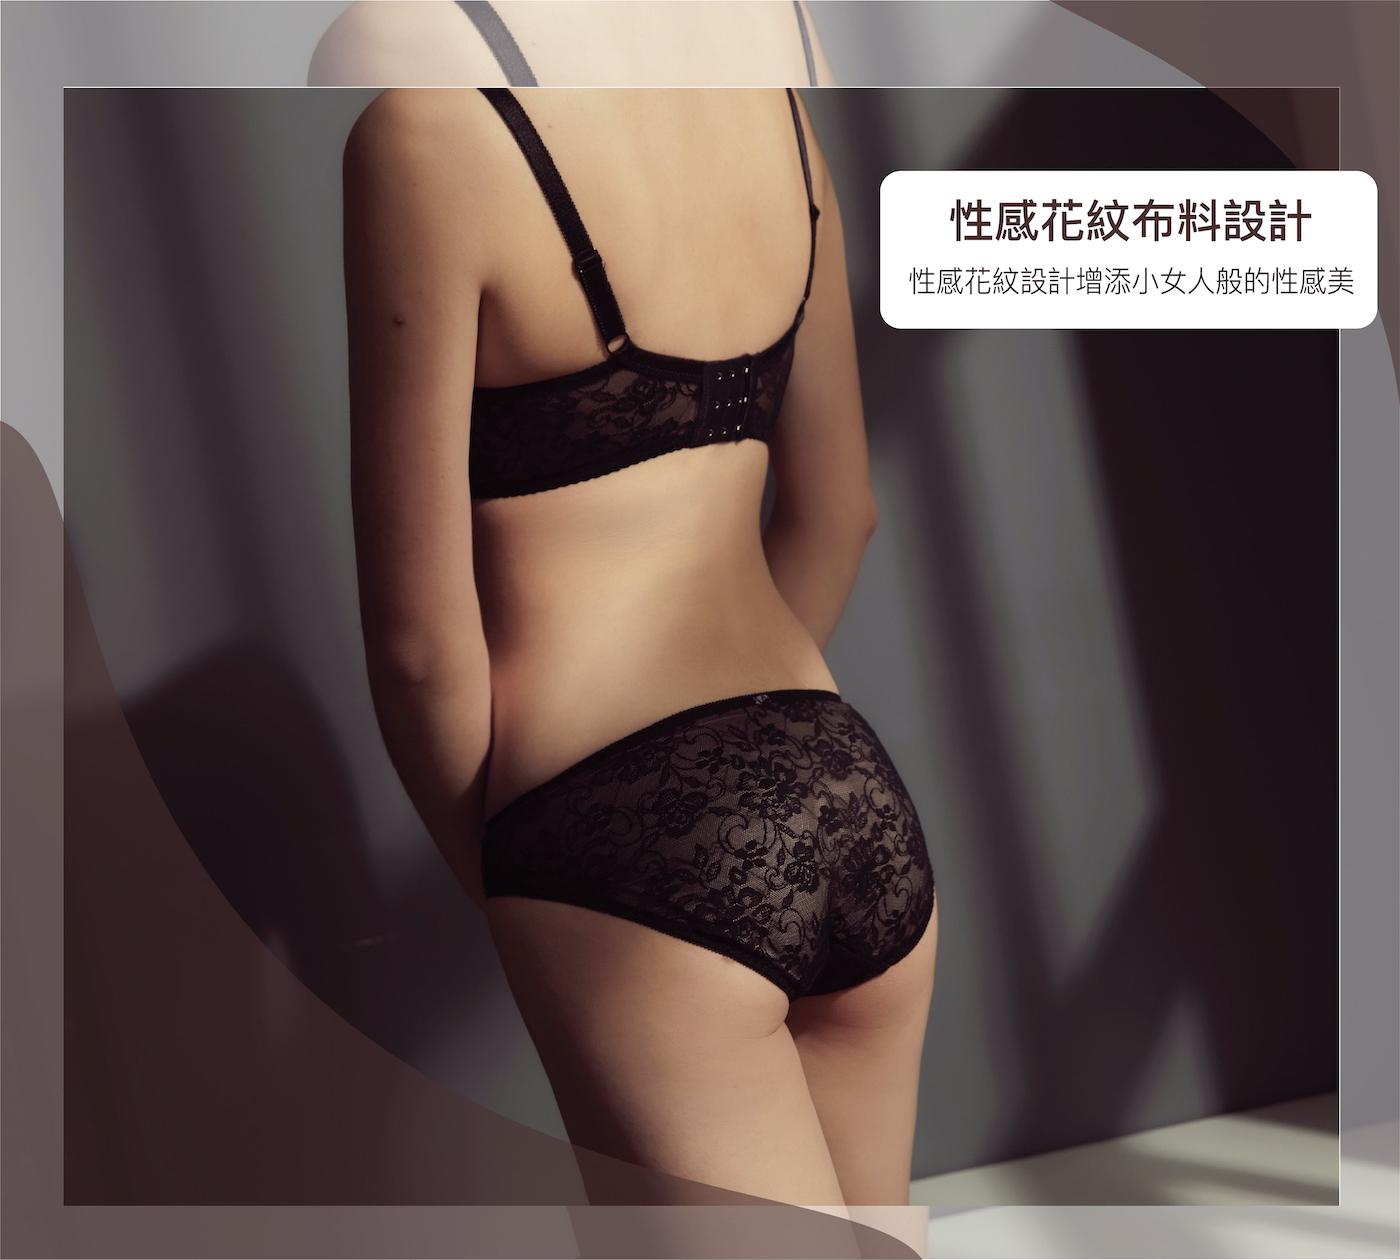 三排三鉤:穩定衣身、包覆副乳,減少內衣移位困擾